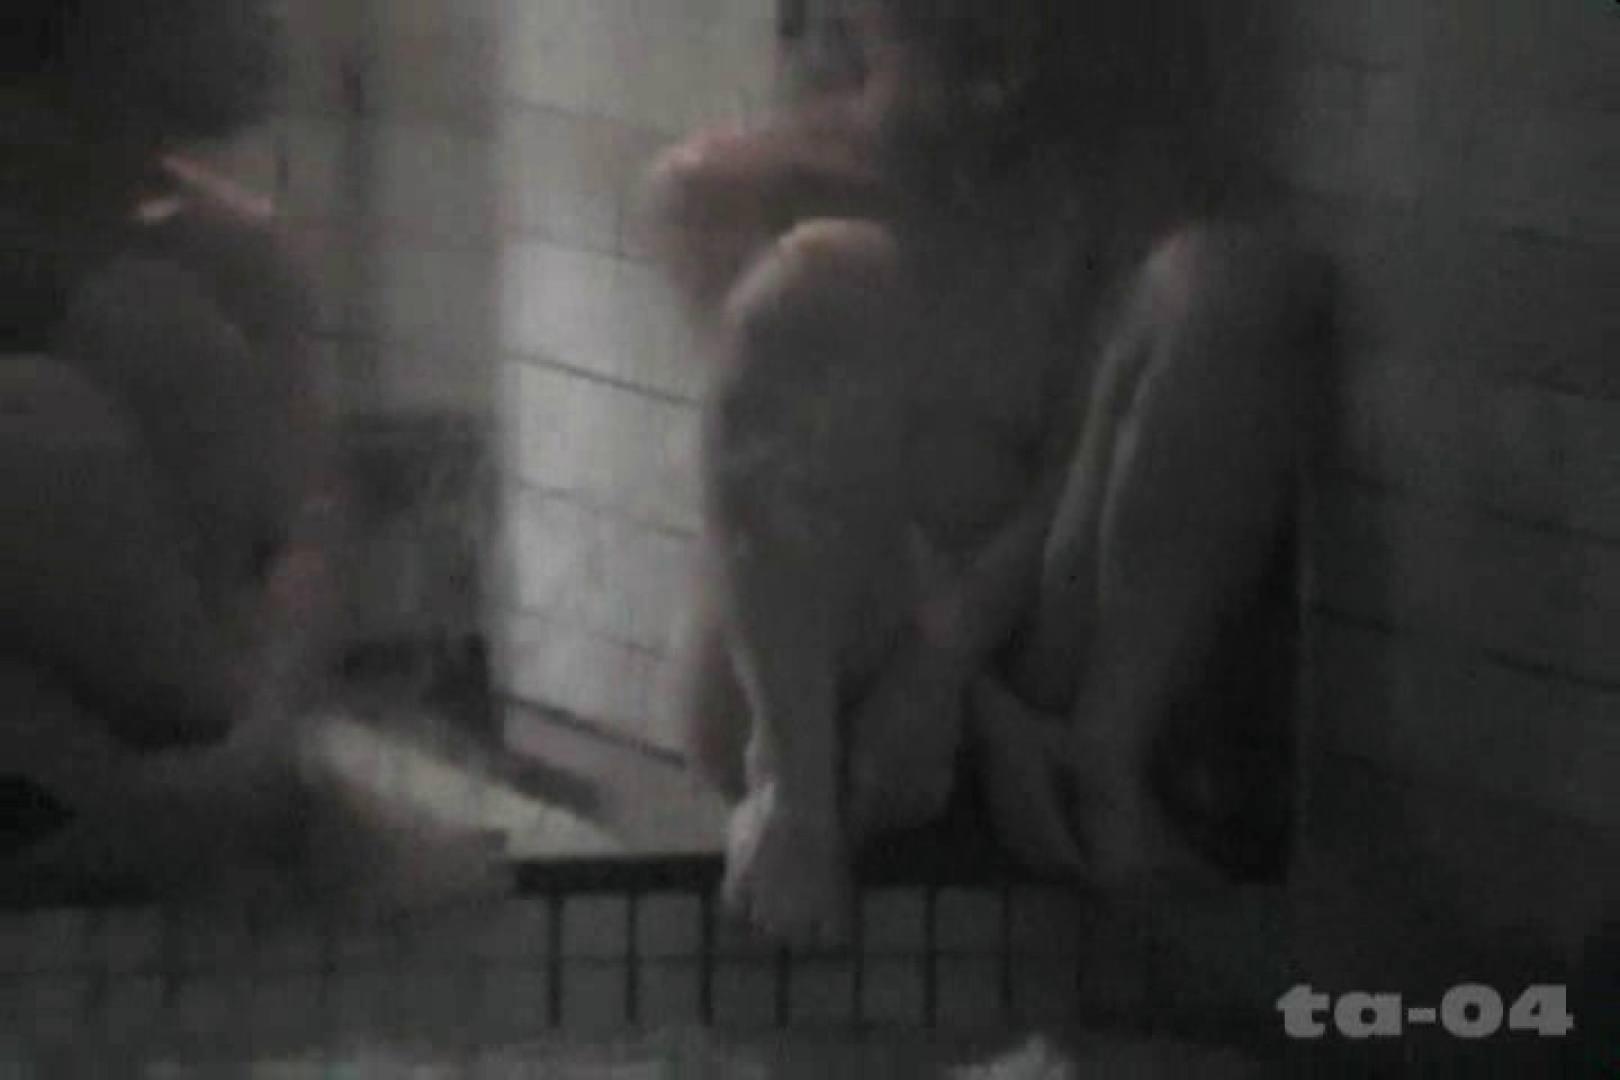 合宿ホテル女風呂盗撮高画質版 Vol.04 高画質 | 合宿中の出来事  83画像 26